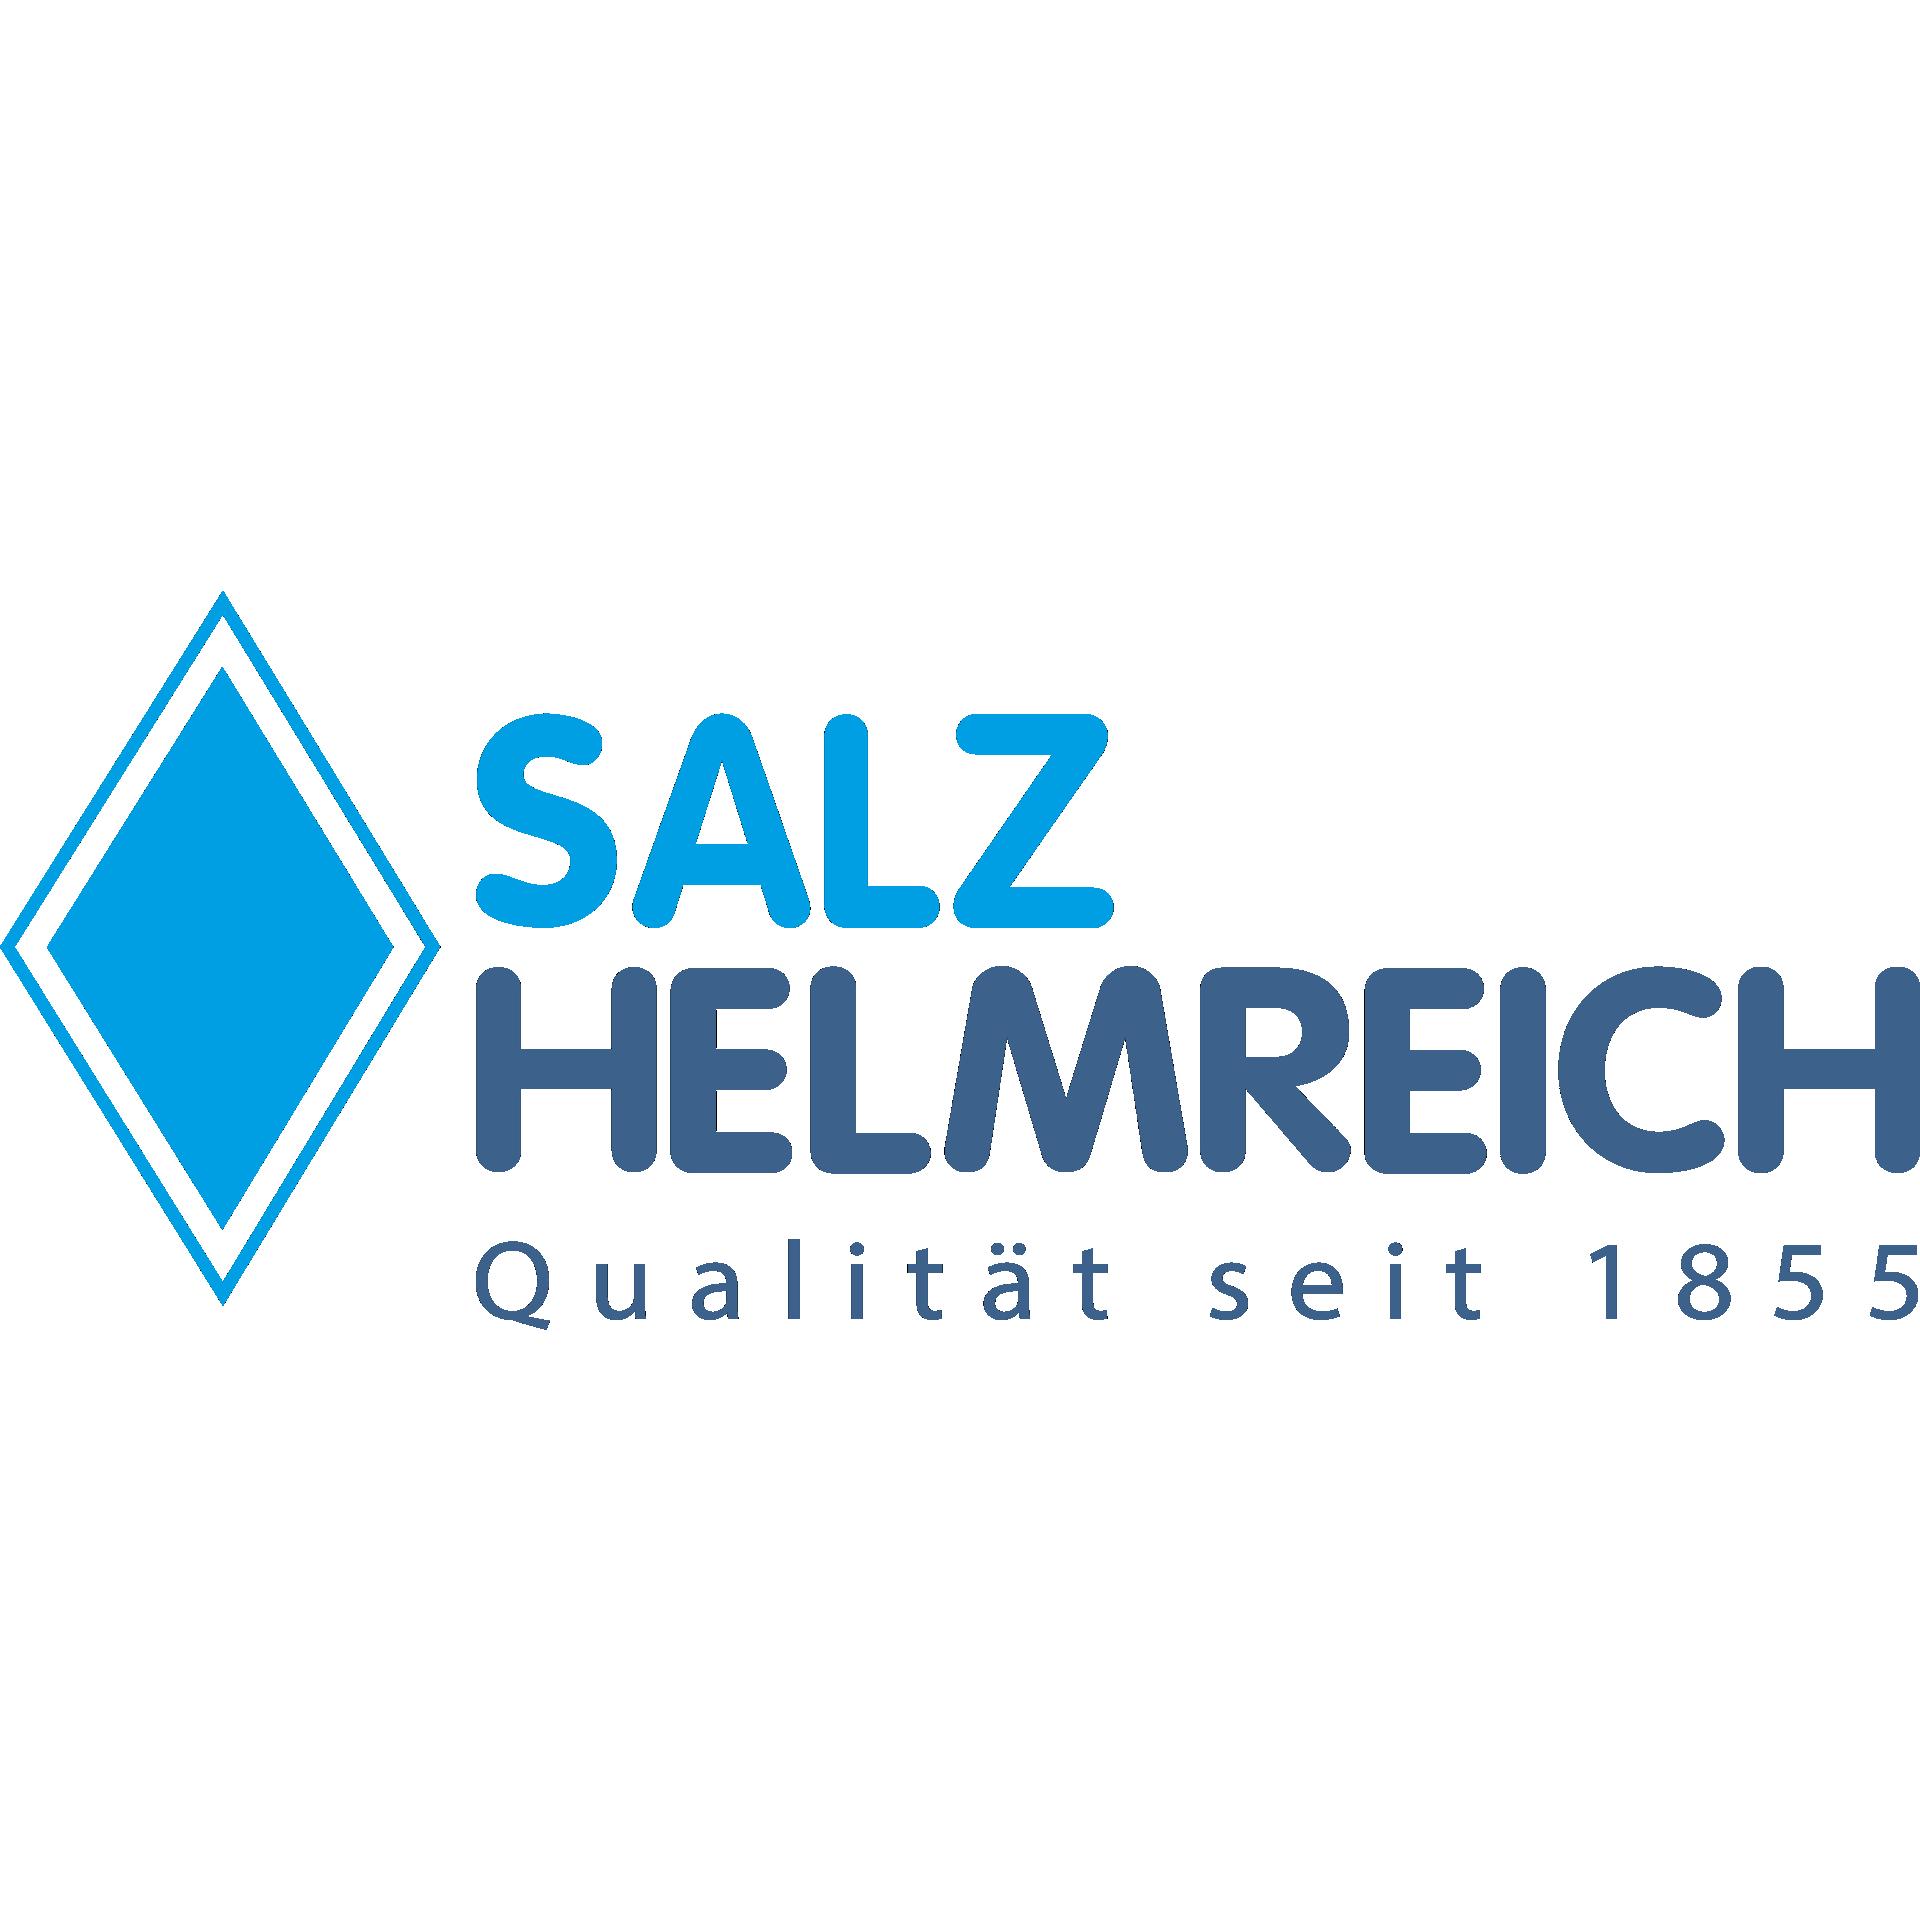 Stein - Einzelfuttermittel NATUR Viehsalz 0,4-1,4 mm im 25 kg Sack